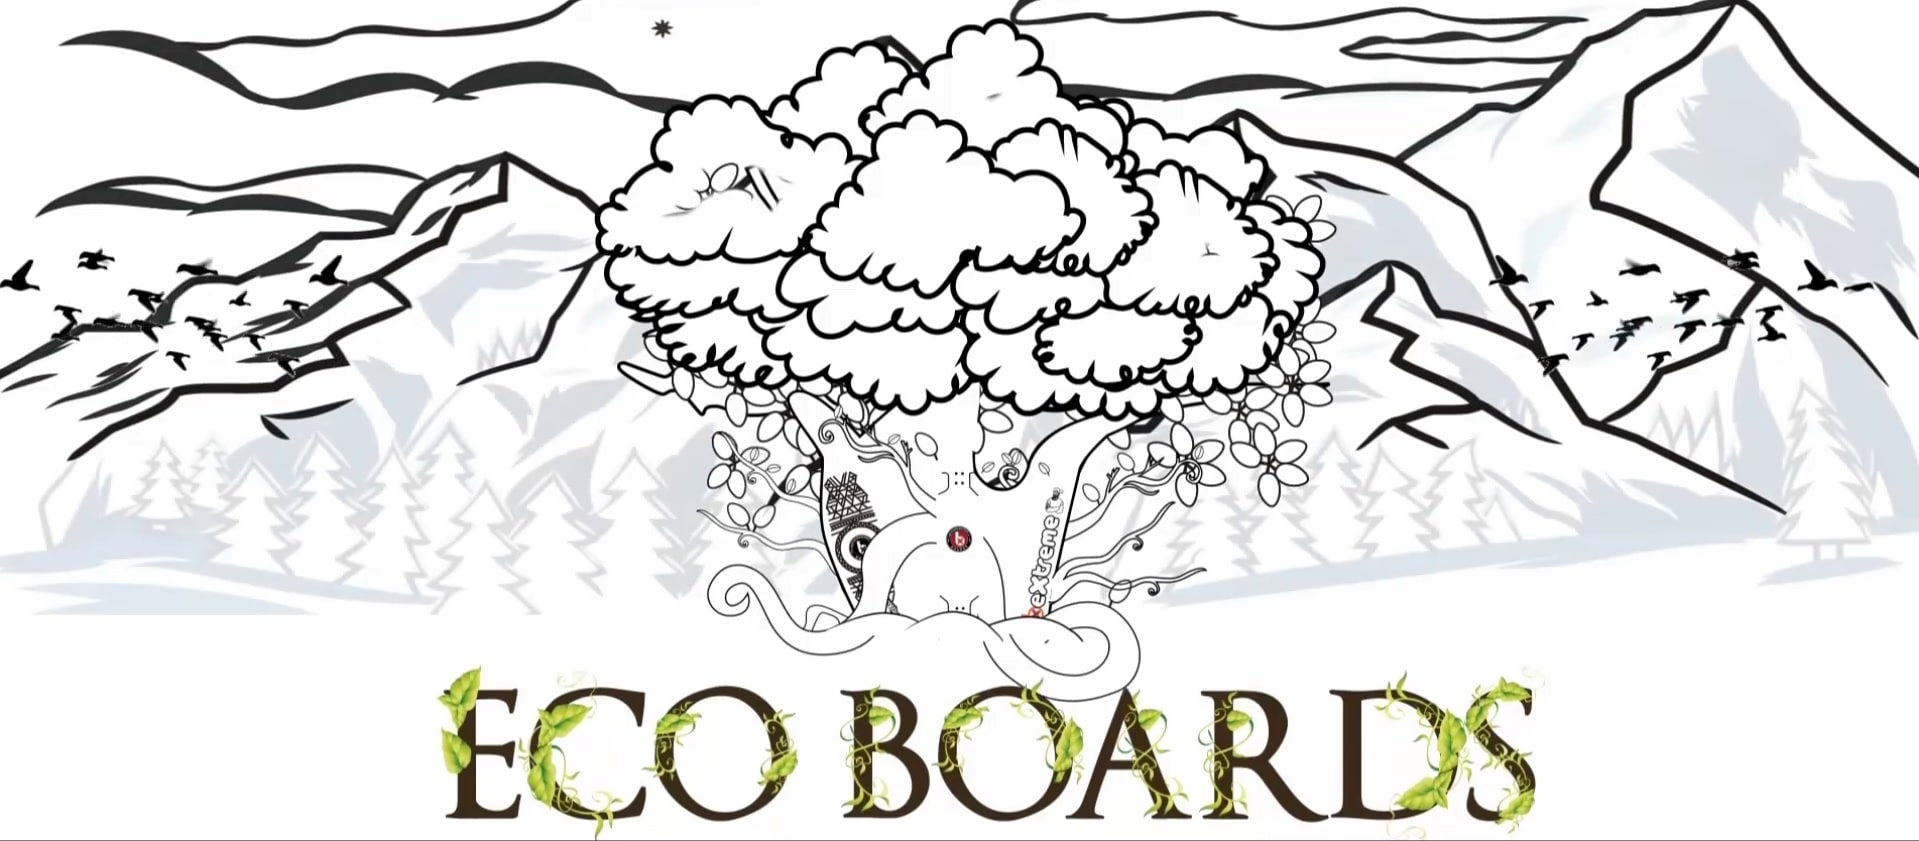 eco-boards snowboards animacion